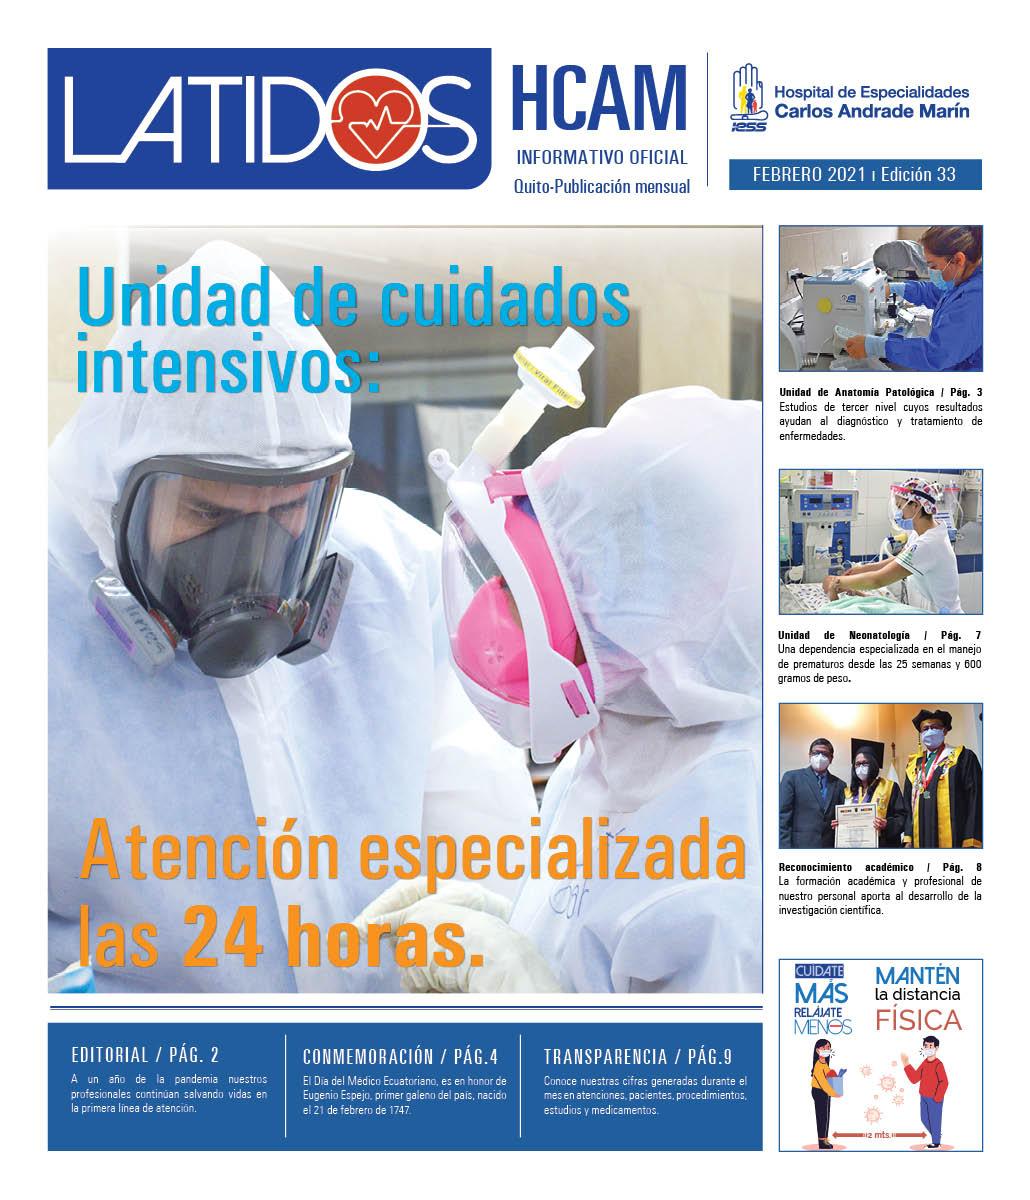 Latidos_HCAM_33_Febrero_2021_Ok